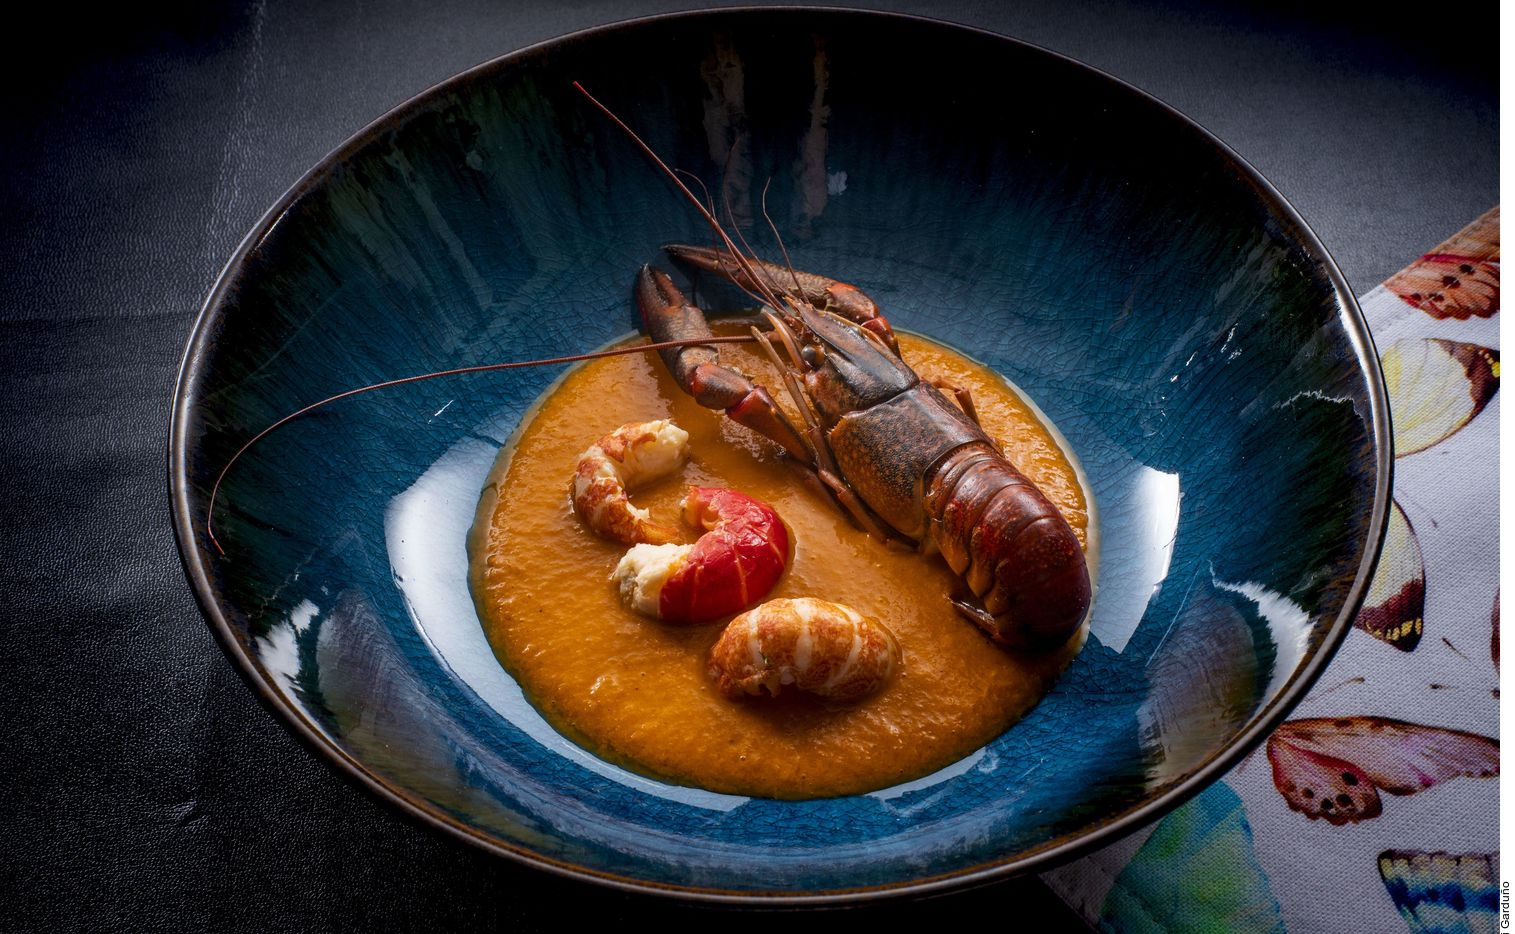 El huatape de acamayas lo logra al licuar los chiles, la cebolla, los ajos, y los jitomates hasta obtener una salsa homogénea. Calentar el aceite y freír la salsa. Dejar a fuego medio hasta tener una pasta espesa.